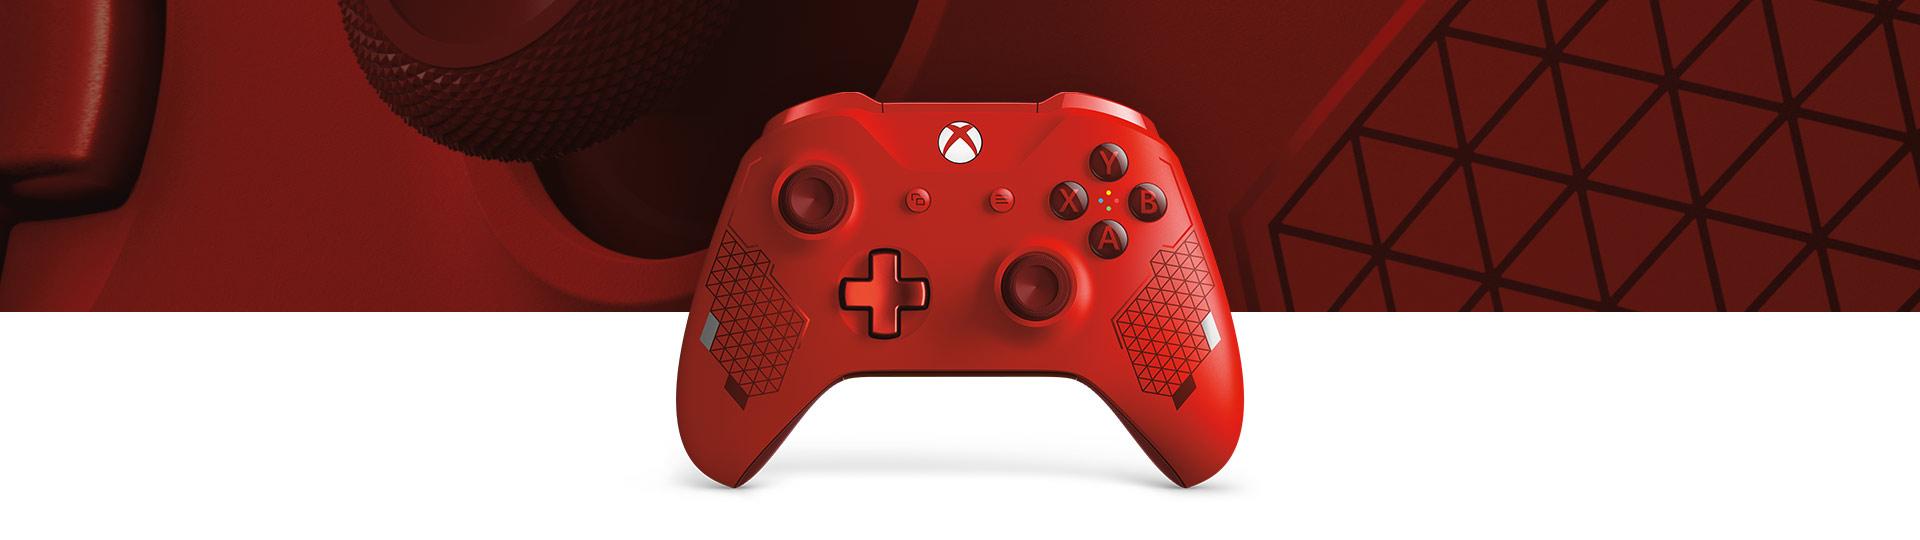 Xbox 无线控制器 (大镖客),以及运动红色控制器表面纹理的近景